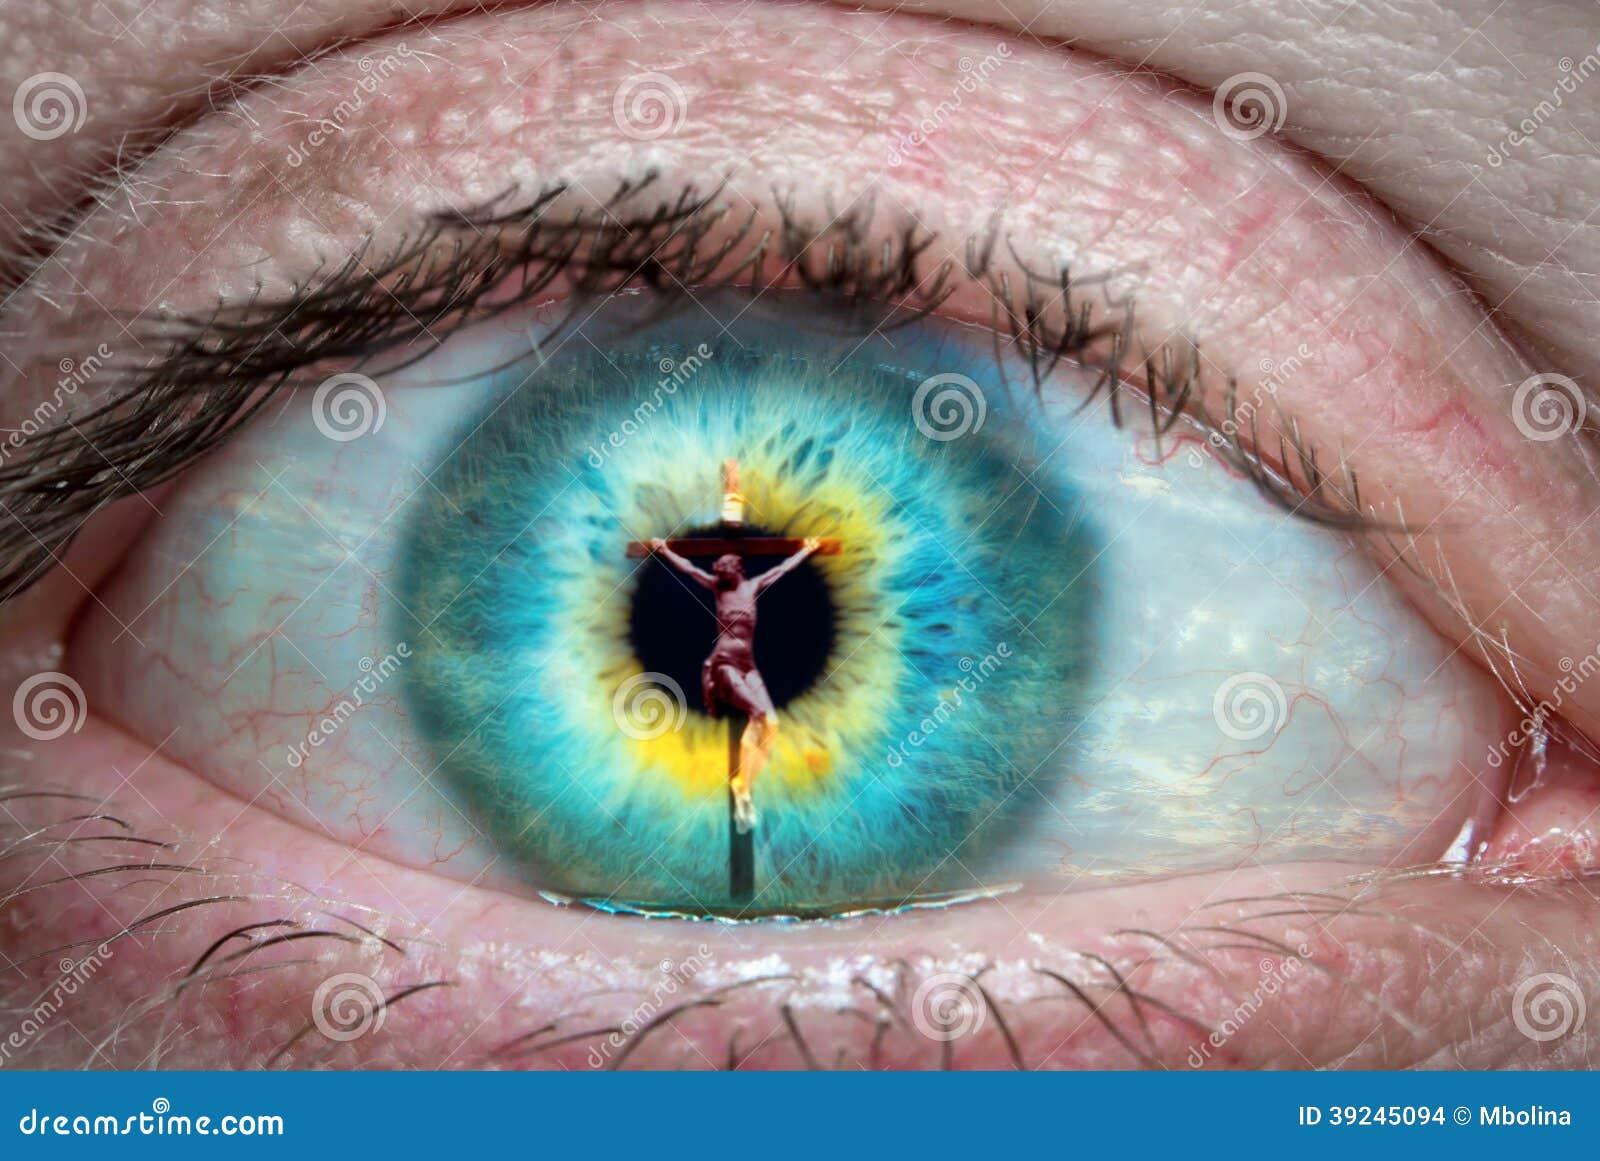 Jesus Christ op het kruis in het oog wordt weerspiegeld dat